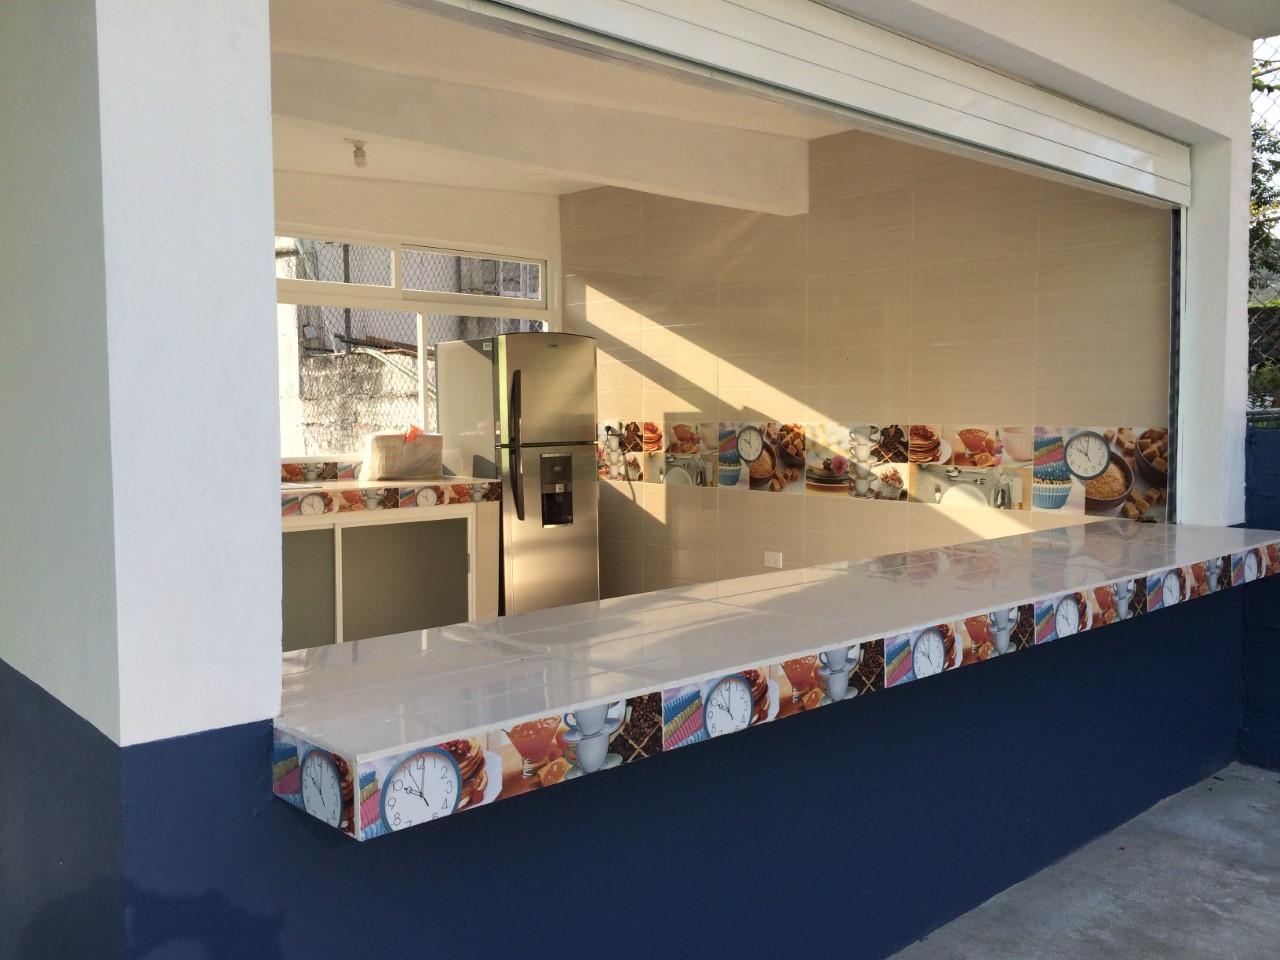 Escuela Primaria Jaime Torres Bodet Galeria